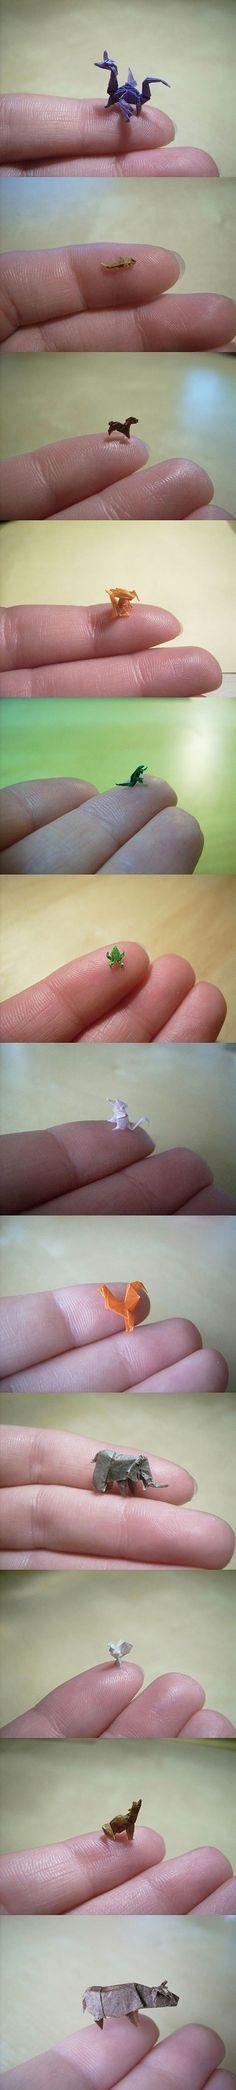 Miniature Origami